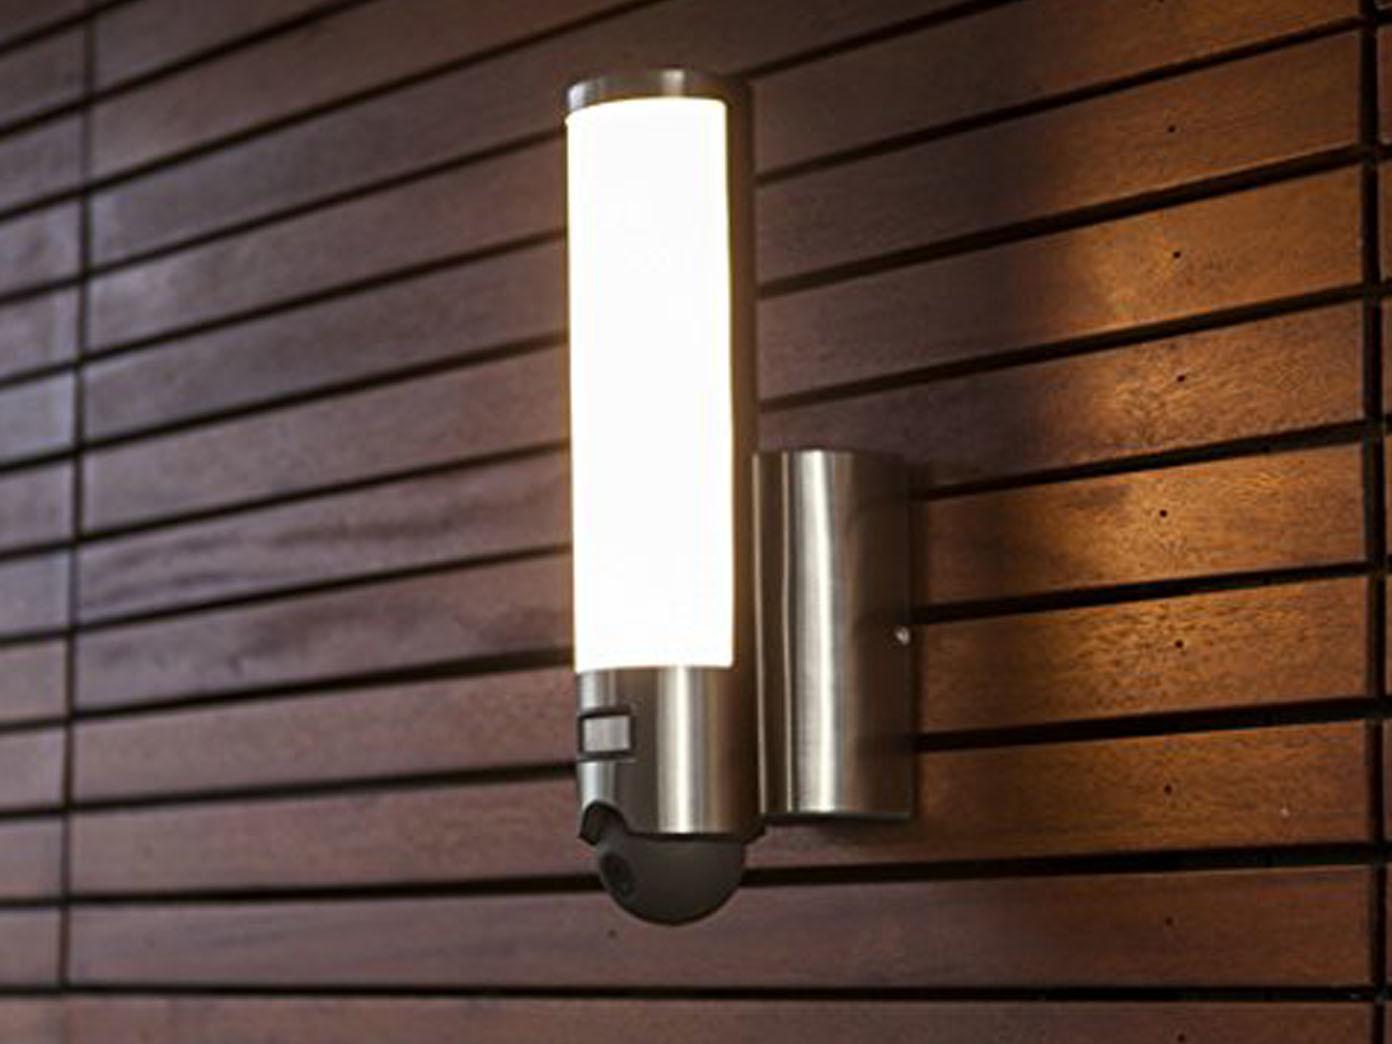 2er set led au enleuchte wandlampe mit bewegungsmelder. Black Bedroom Furniture Sets. Home Design Ideas